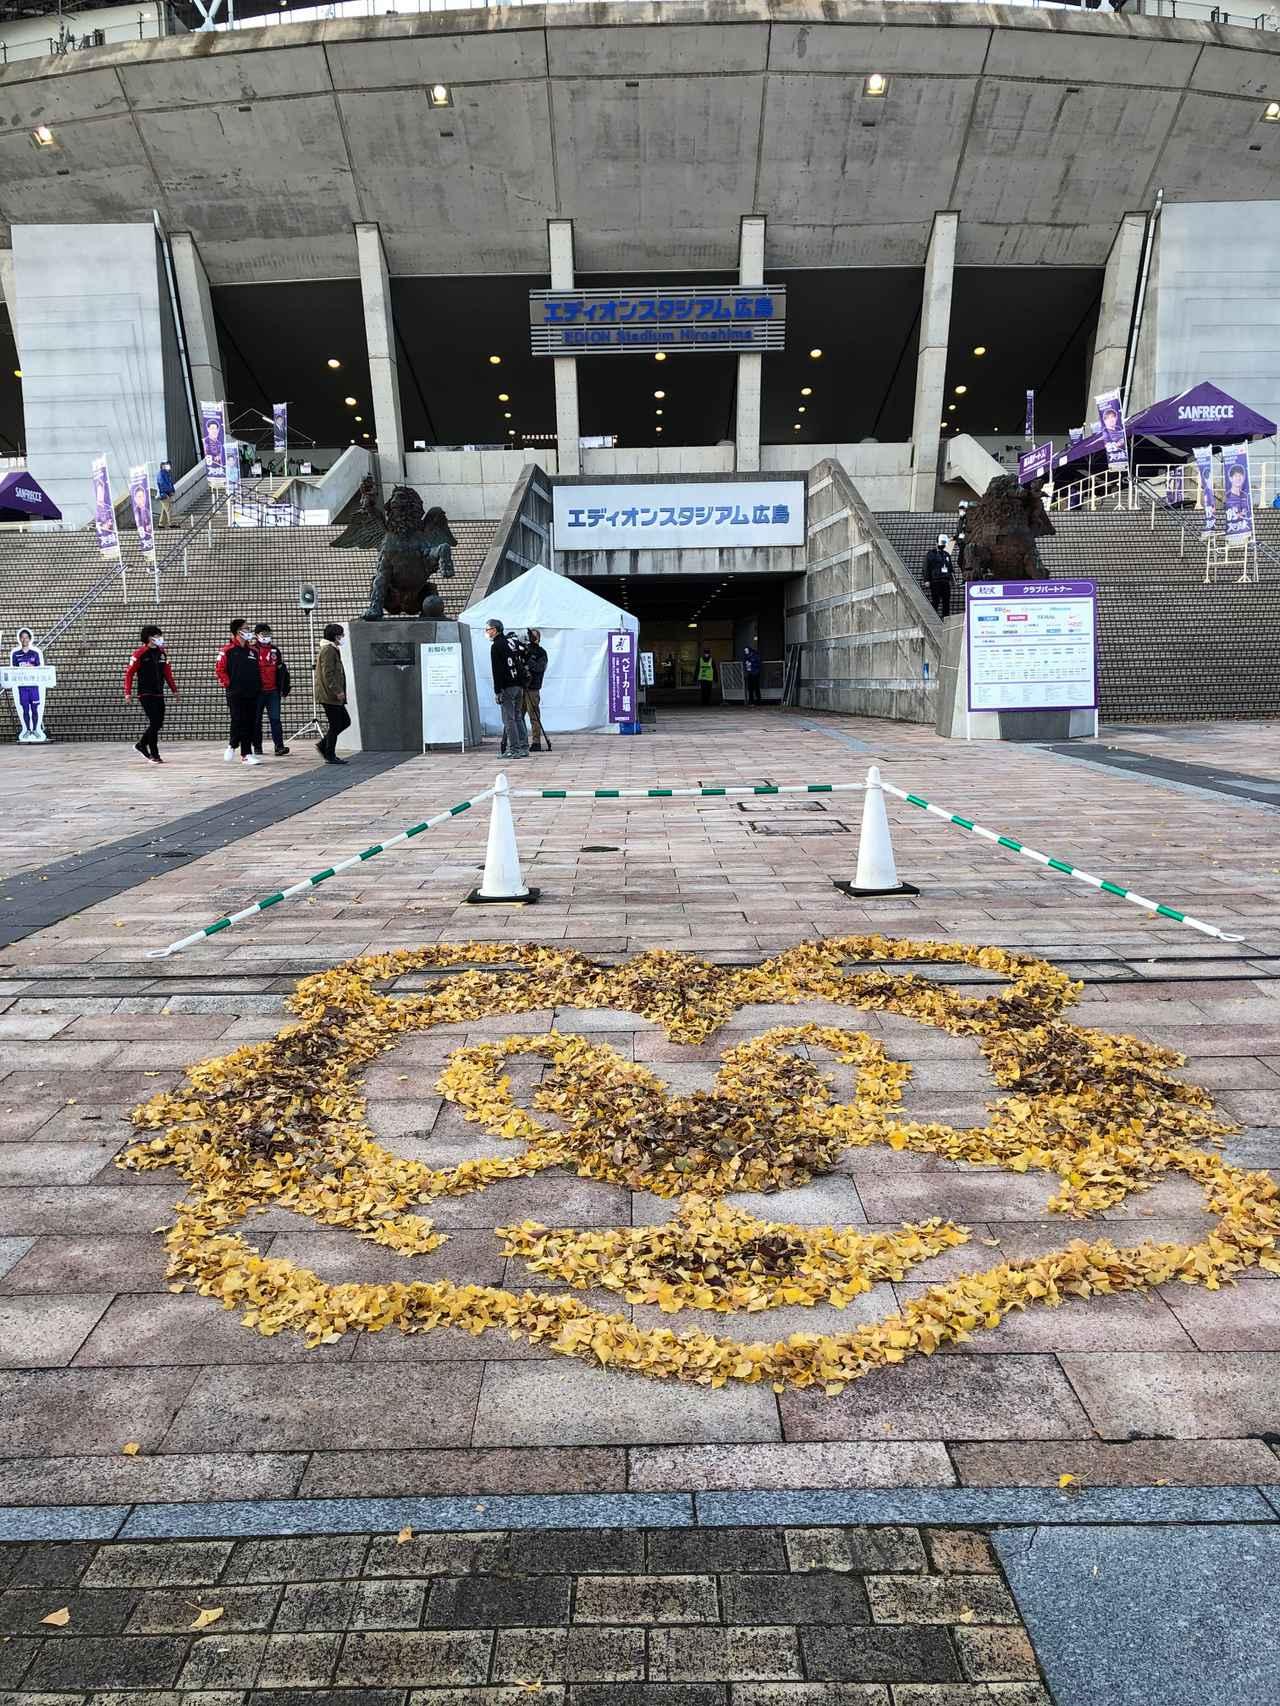 Images : 2番目の画像 - エディオンスタジアム広島の周辺では、いちょうの鮮やかな黄色が。落ち葉を片付けていたスタッフが、サンチェの顔を作って来場者をもてなした(写真◎石倉利英) - サッカーマガジンWEB